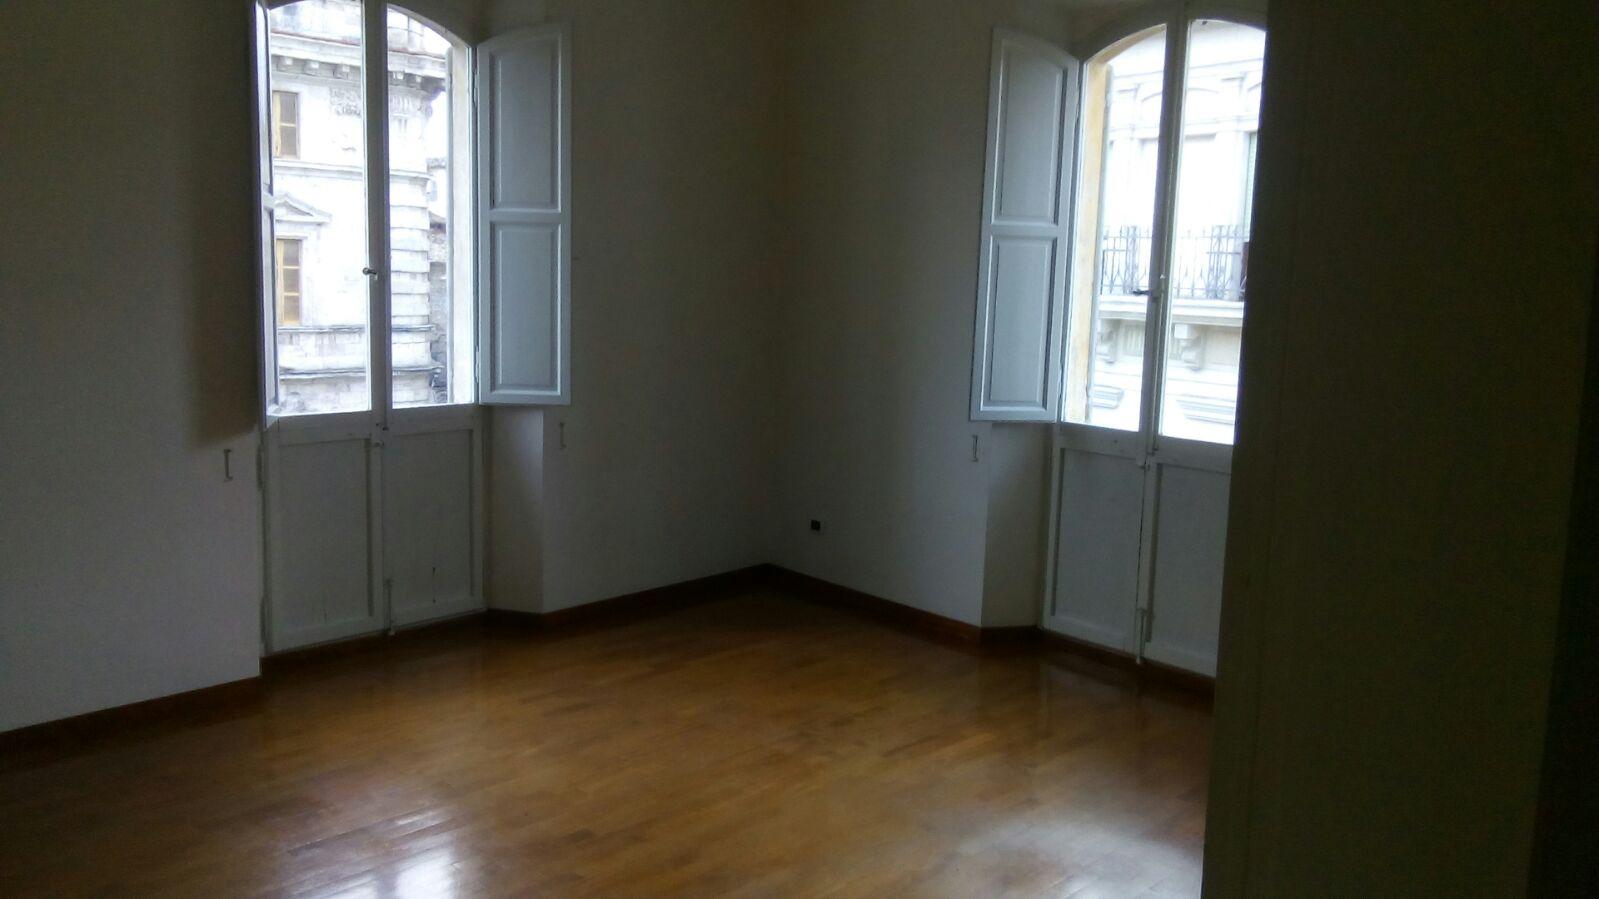 Ufficio / Studio in affitto a Ascoli Piceno, 9999 locali, zona Località: CentroStorico, prezzo € 450 | CambioCasa.it